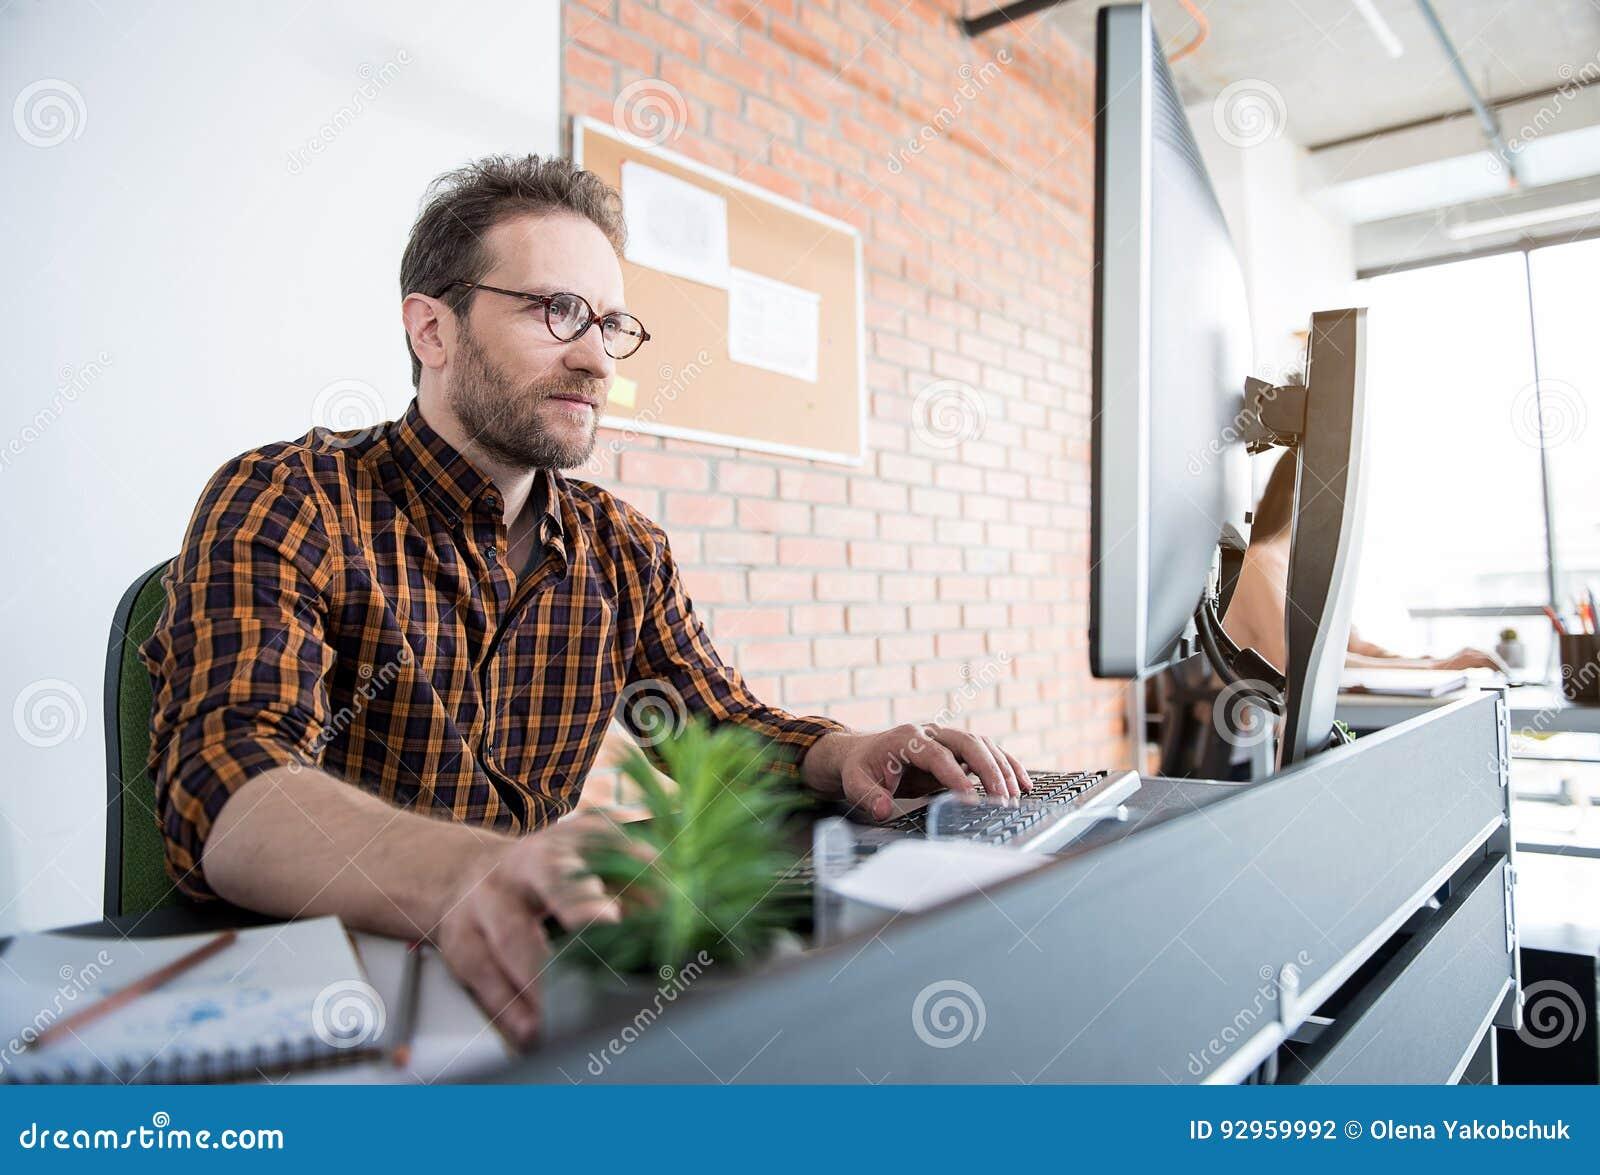 3c1139a0f0e5e El encargado ocupado serio está trabajando en el ordenador Él que se sienta  en el lugar de trabajo en oficina Ángulo inferior